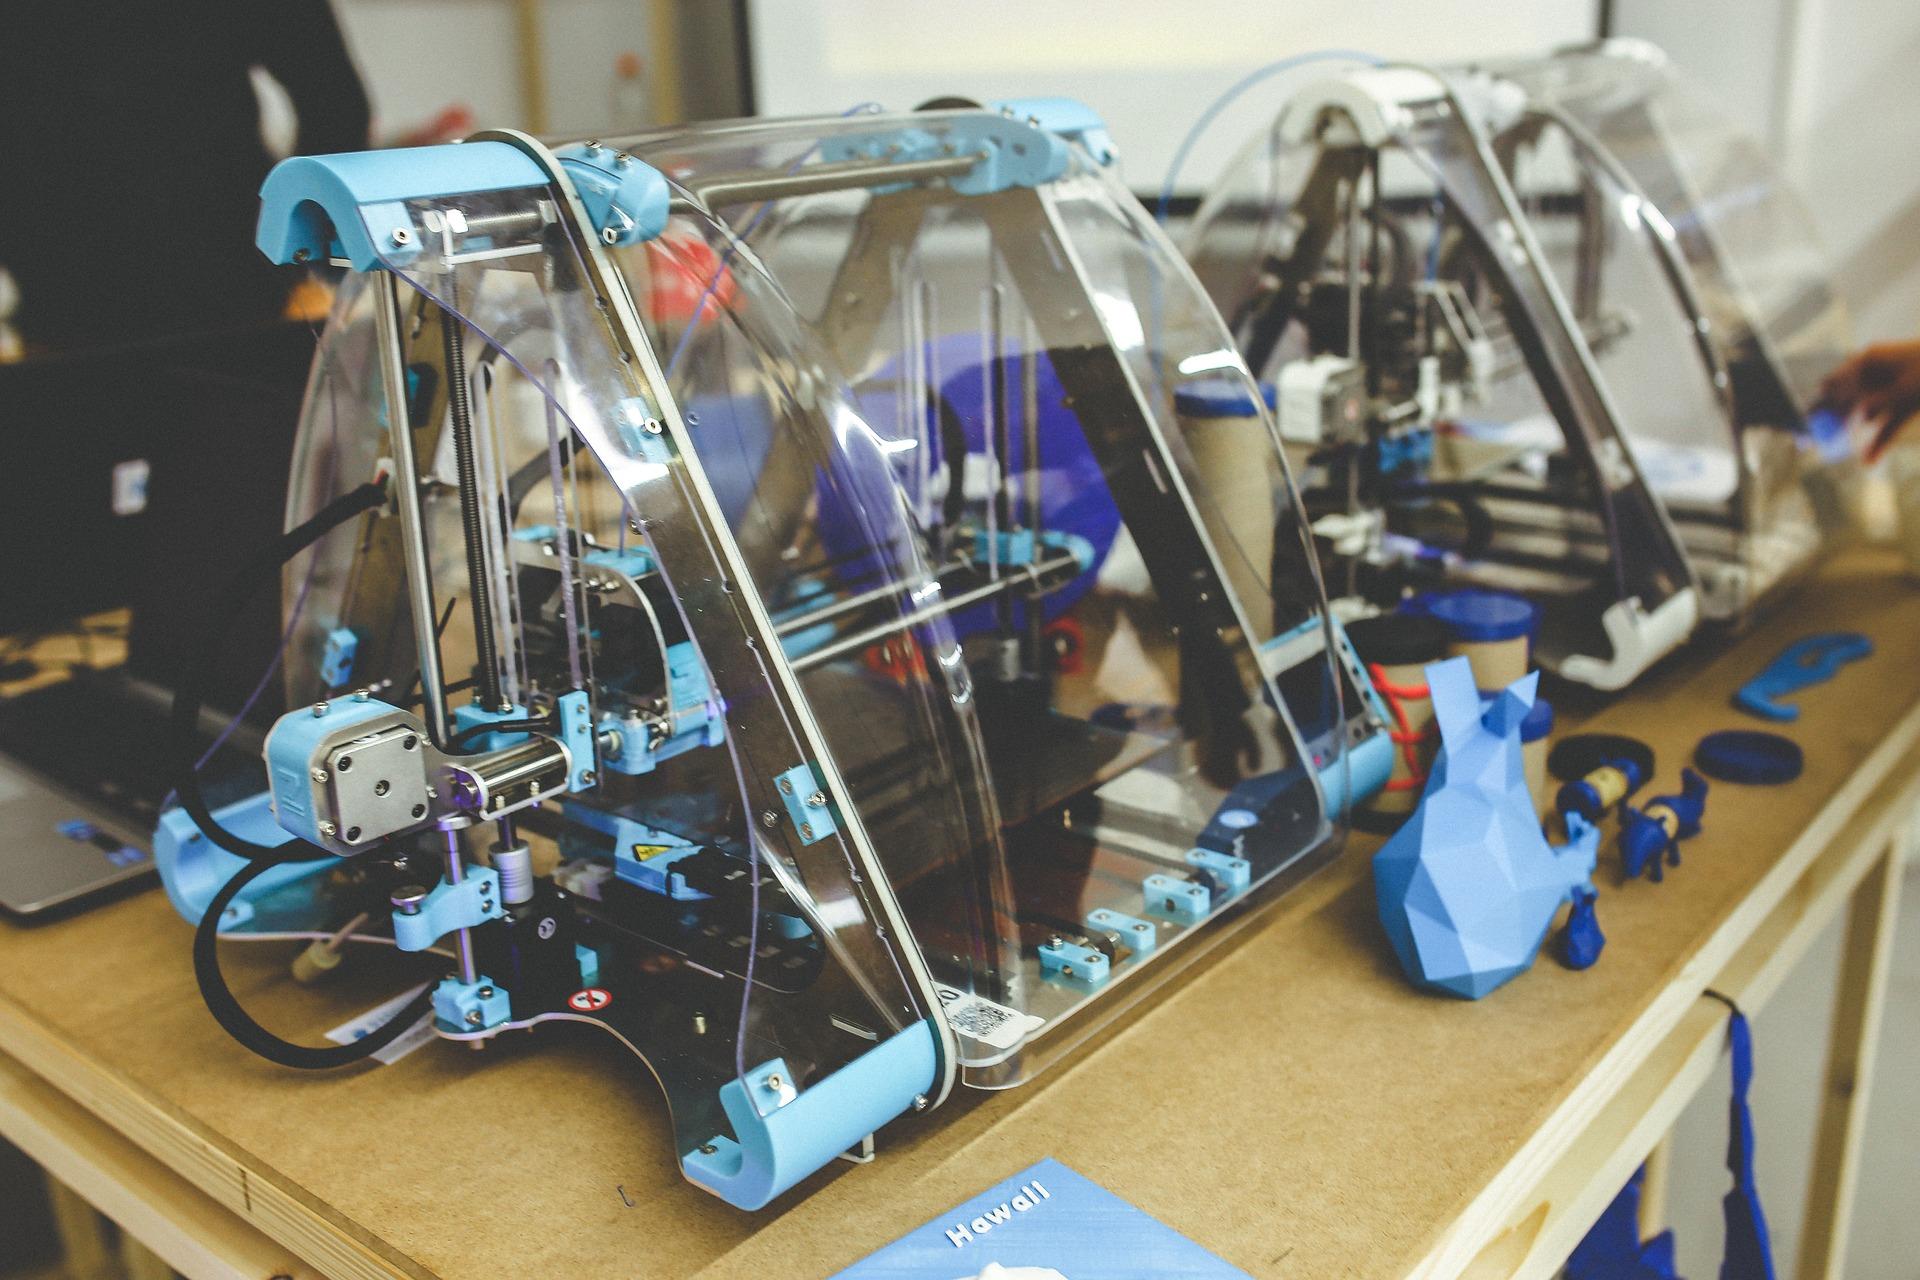 Imagem mostra impressoras 3D lado a lado sobre uma mesa.